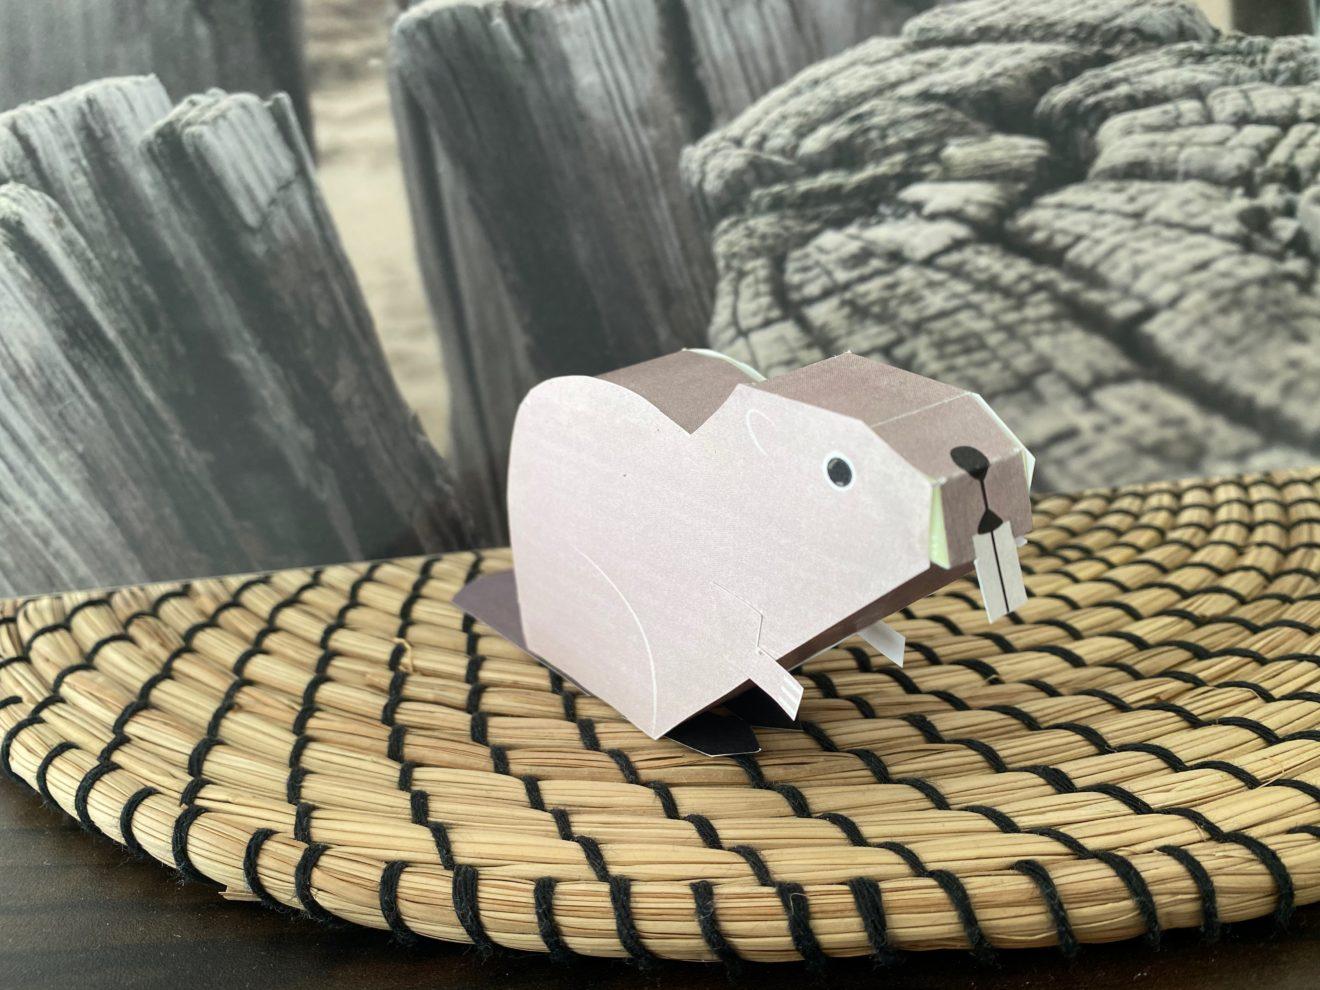 Bastelbogen: Ein Biber aus Papier